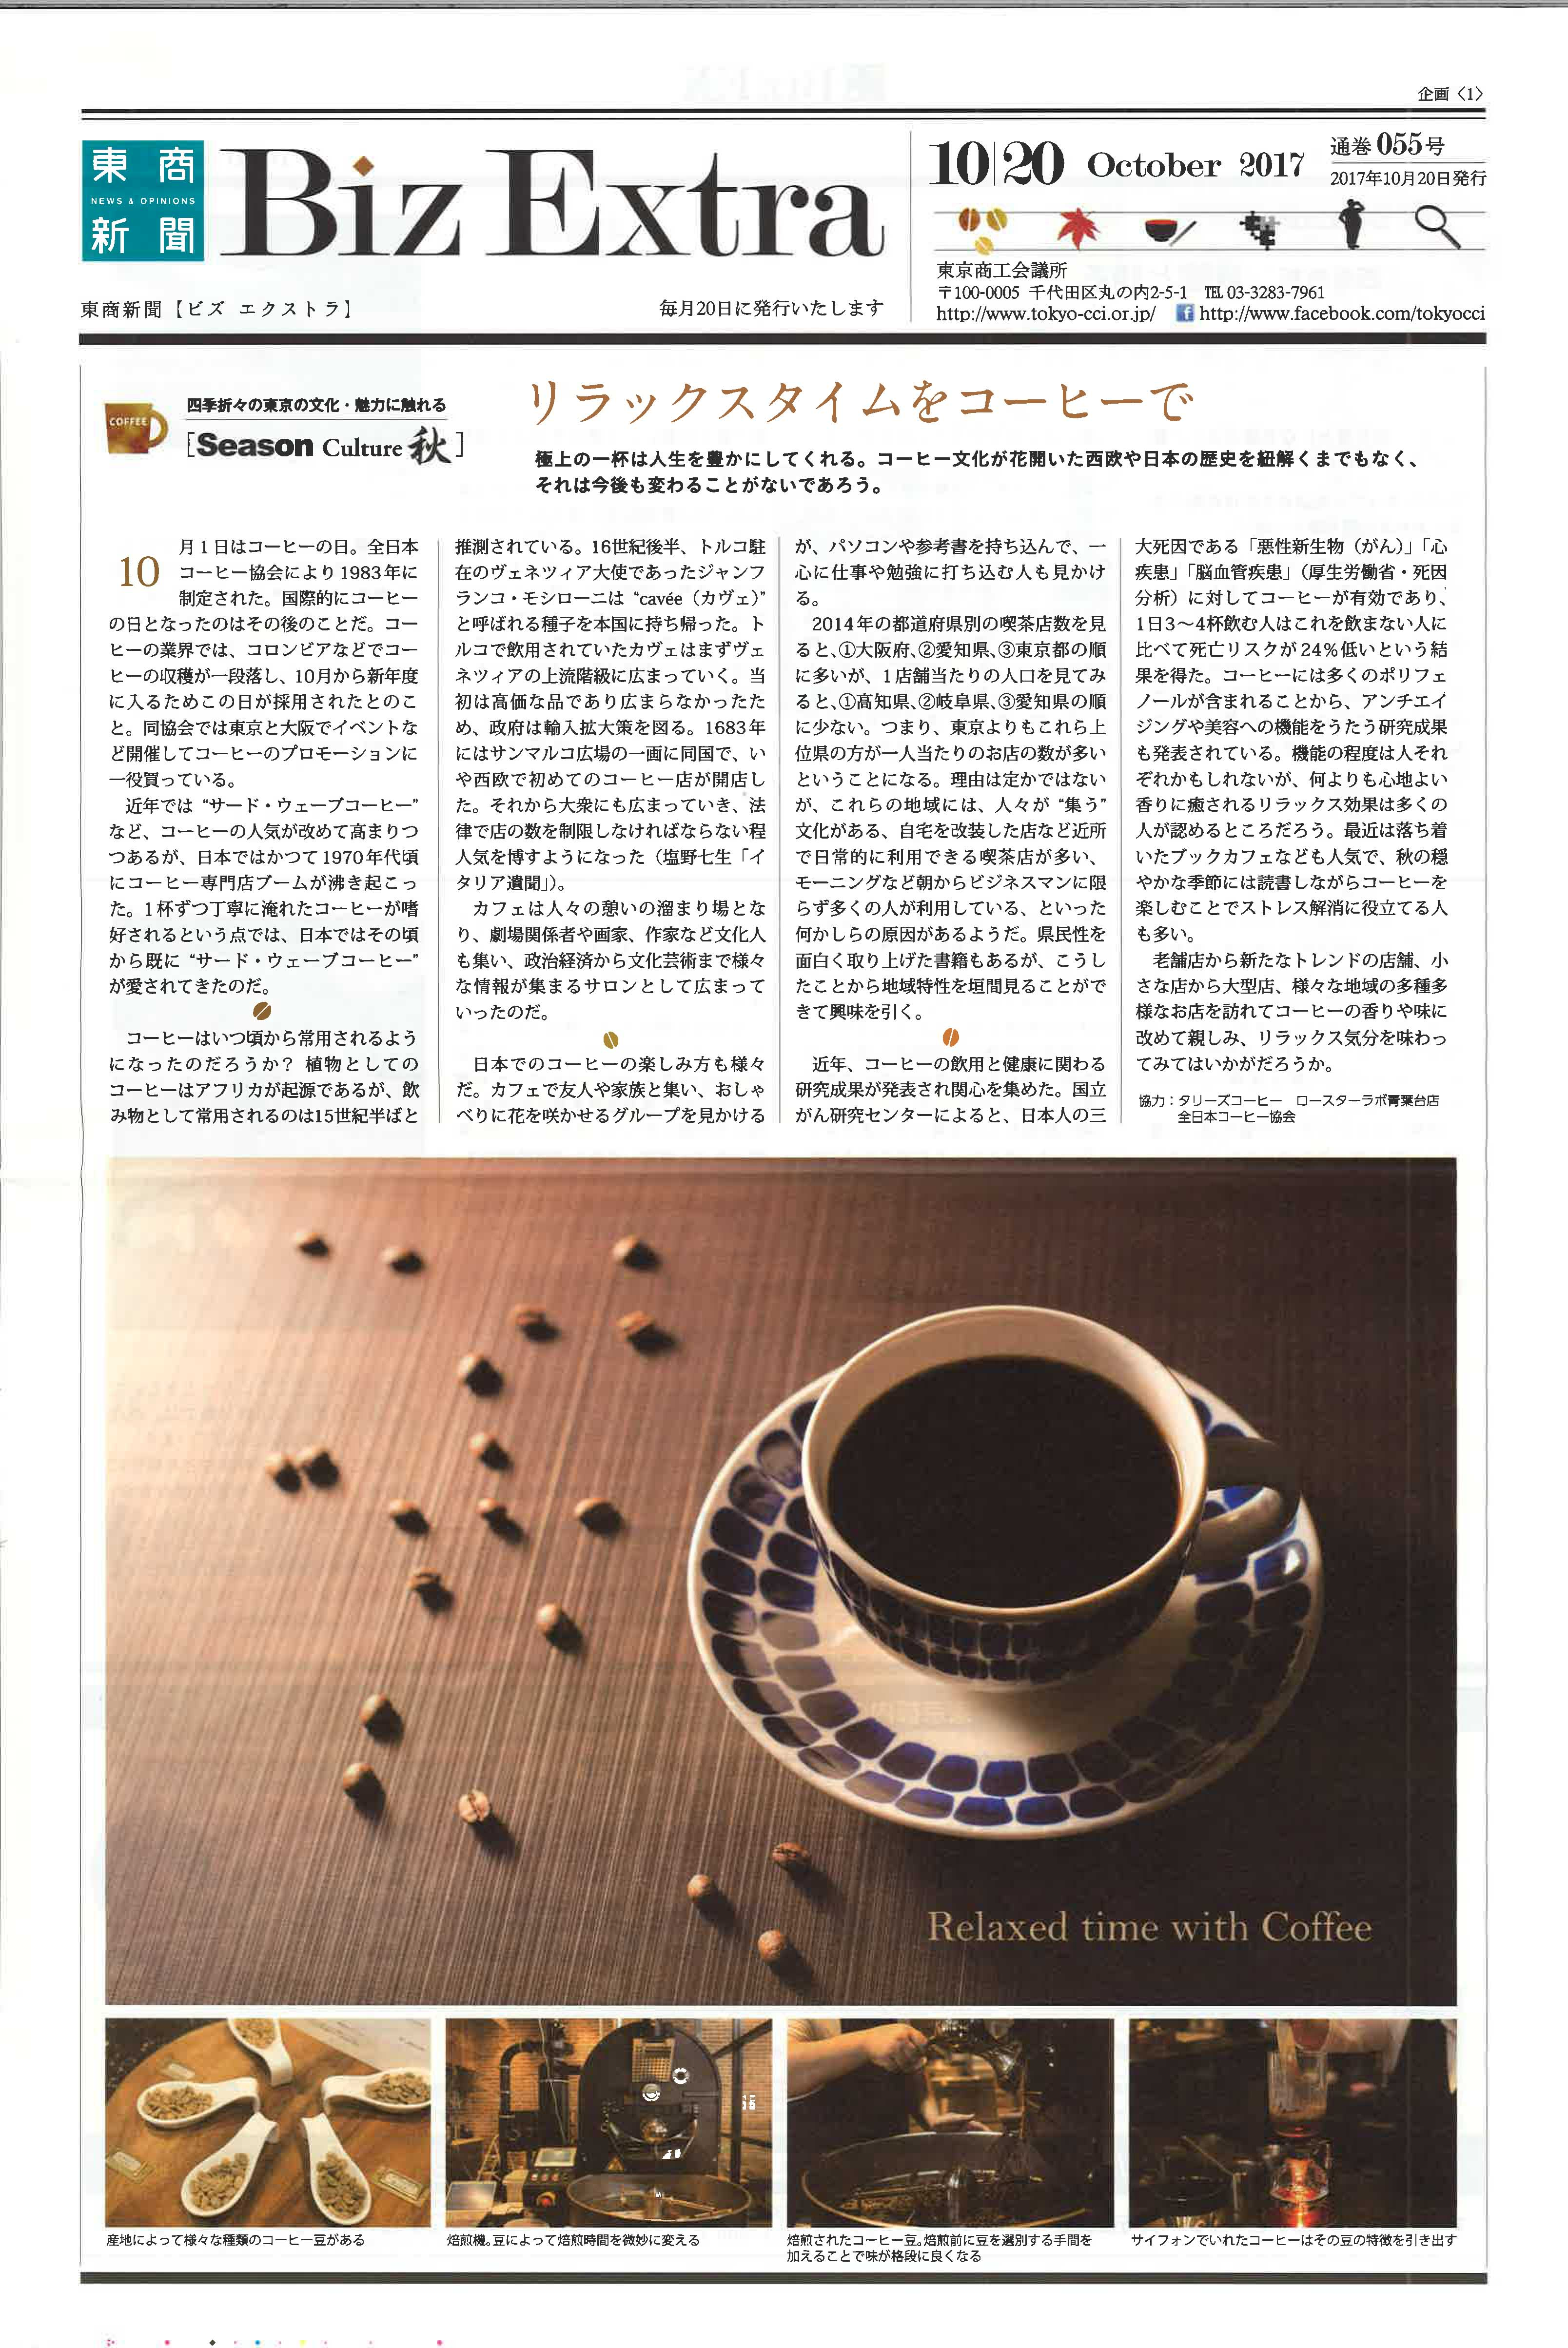 「東商新聞 Biz Extra」October 2017 通巻055号